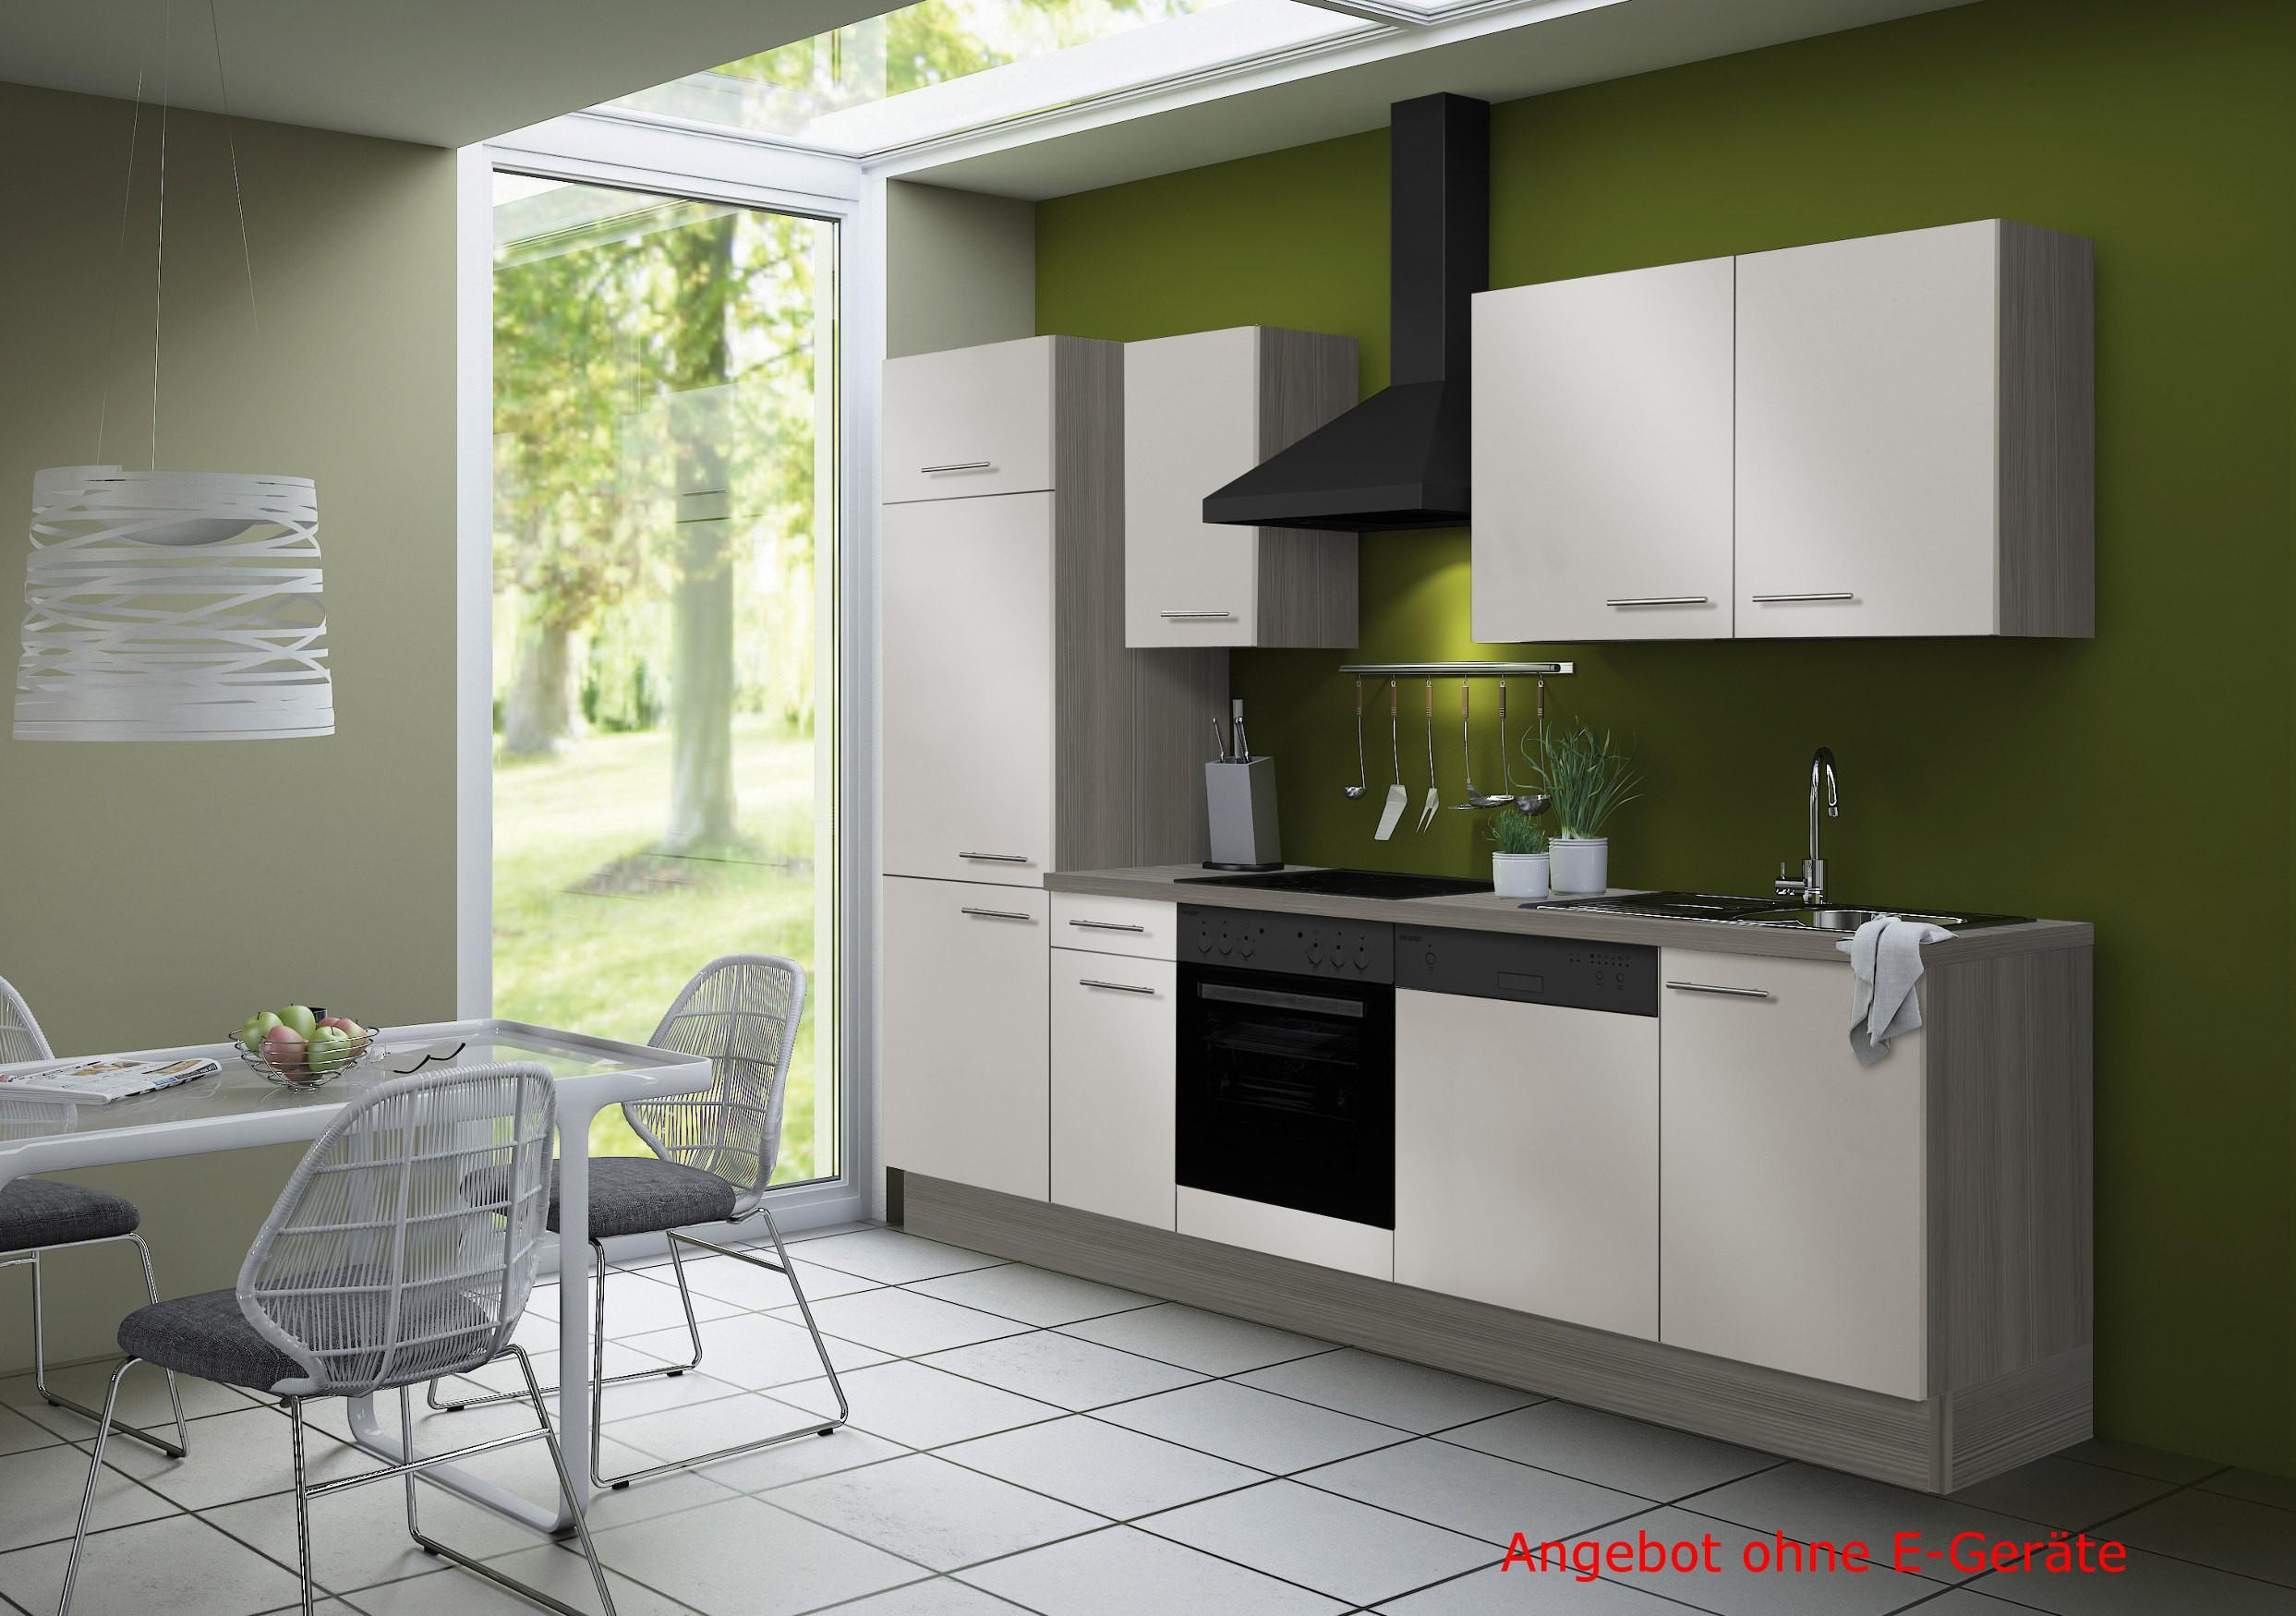 k chenzeile cadiz vario 1 k chen leerblock breite 270 cm beige k che k chenzeilen. Black Bedroom Furniture Sets. Home Design Ideas